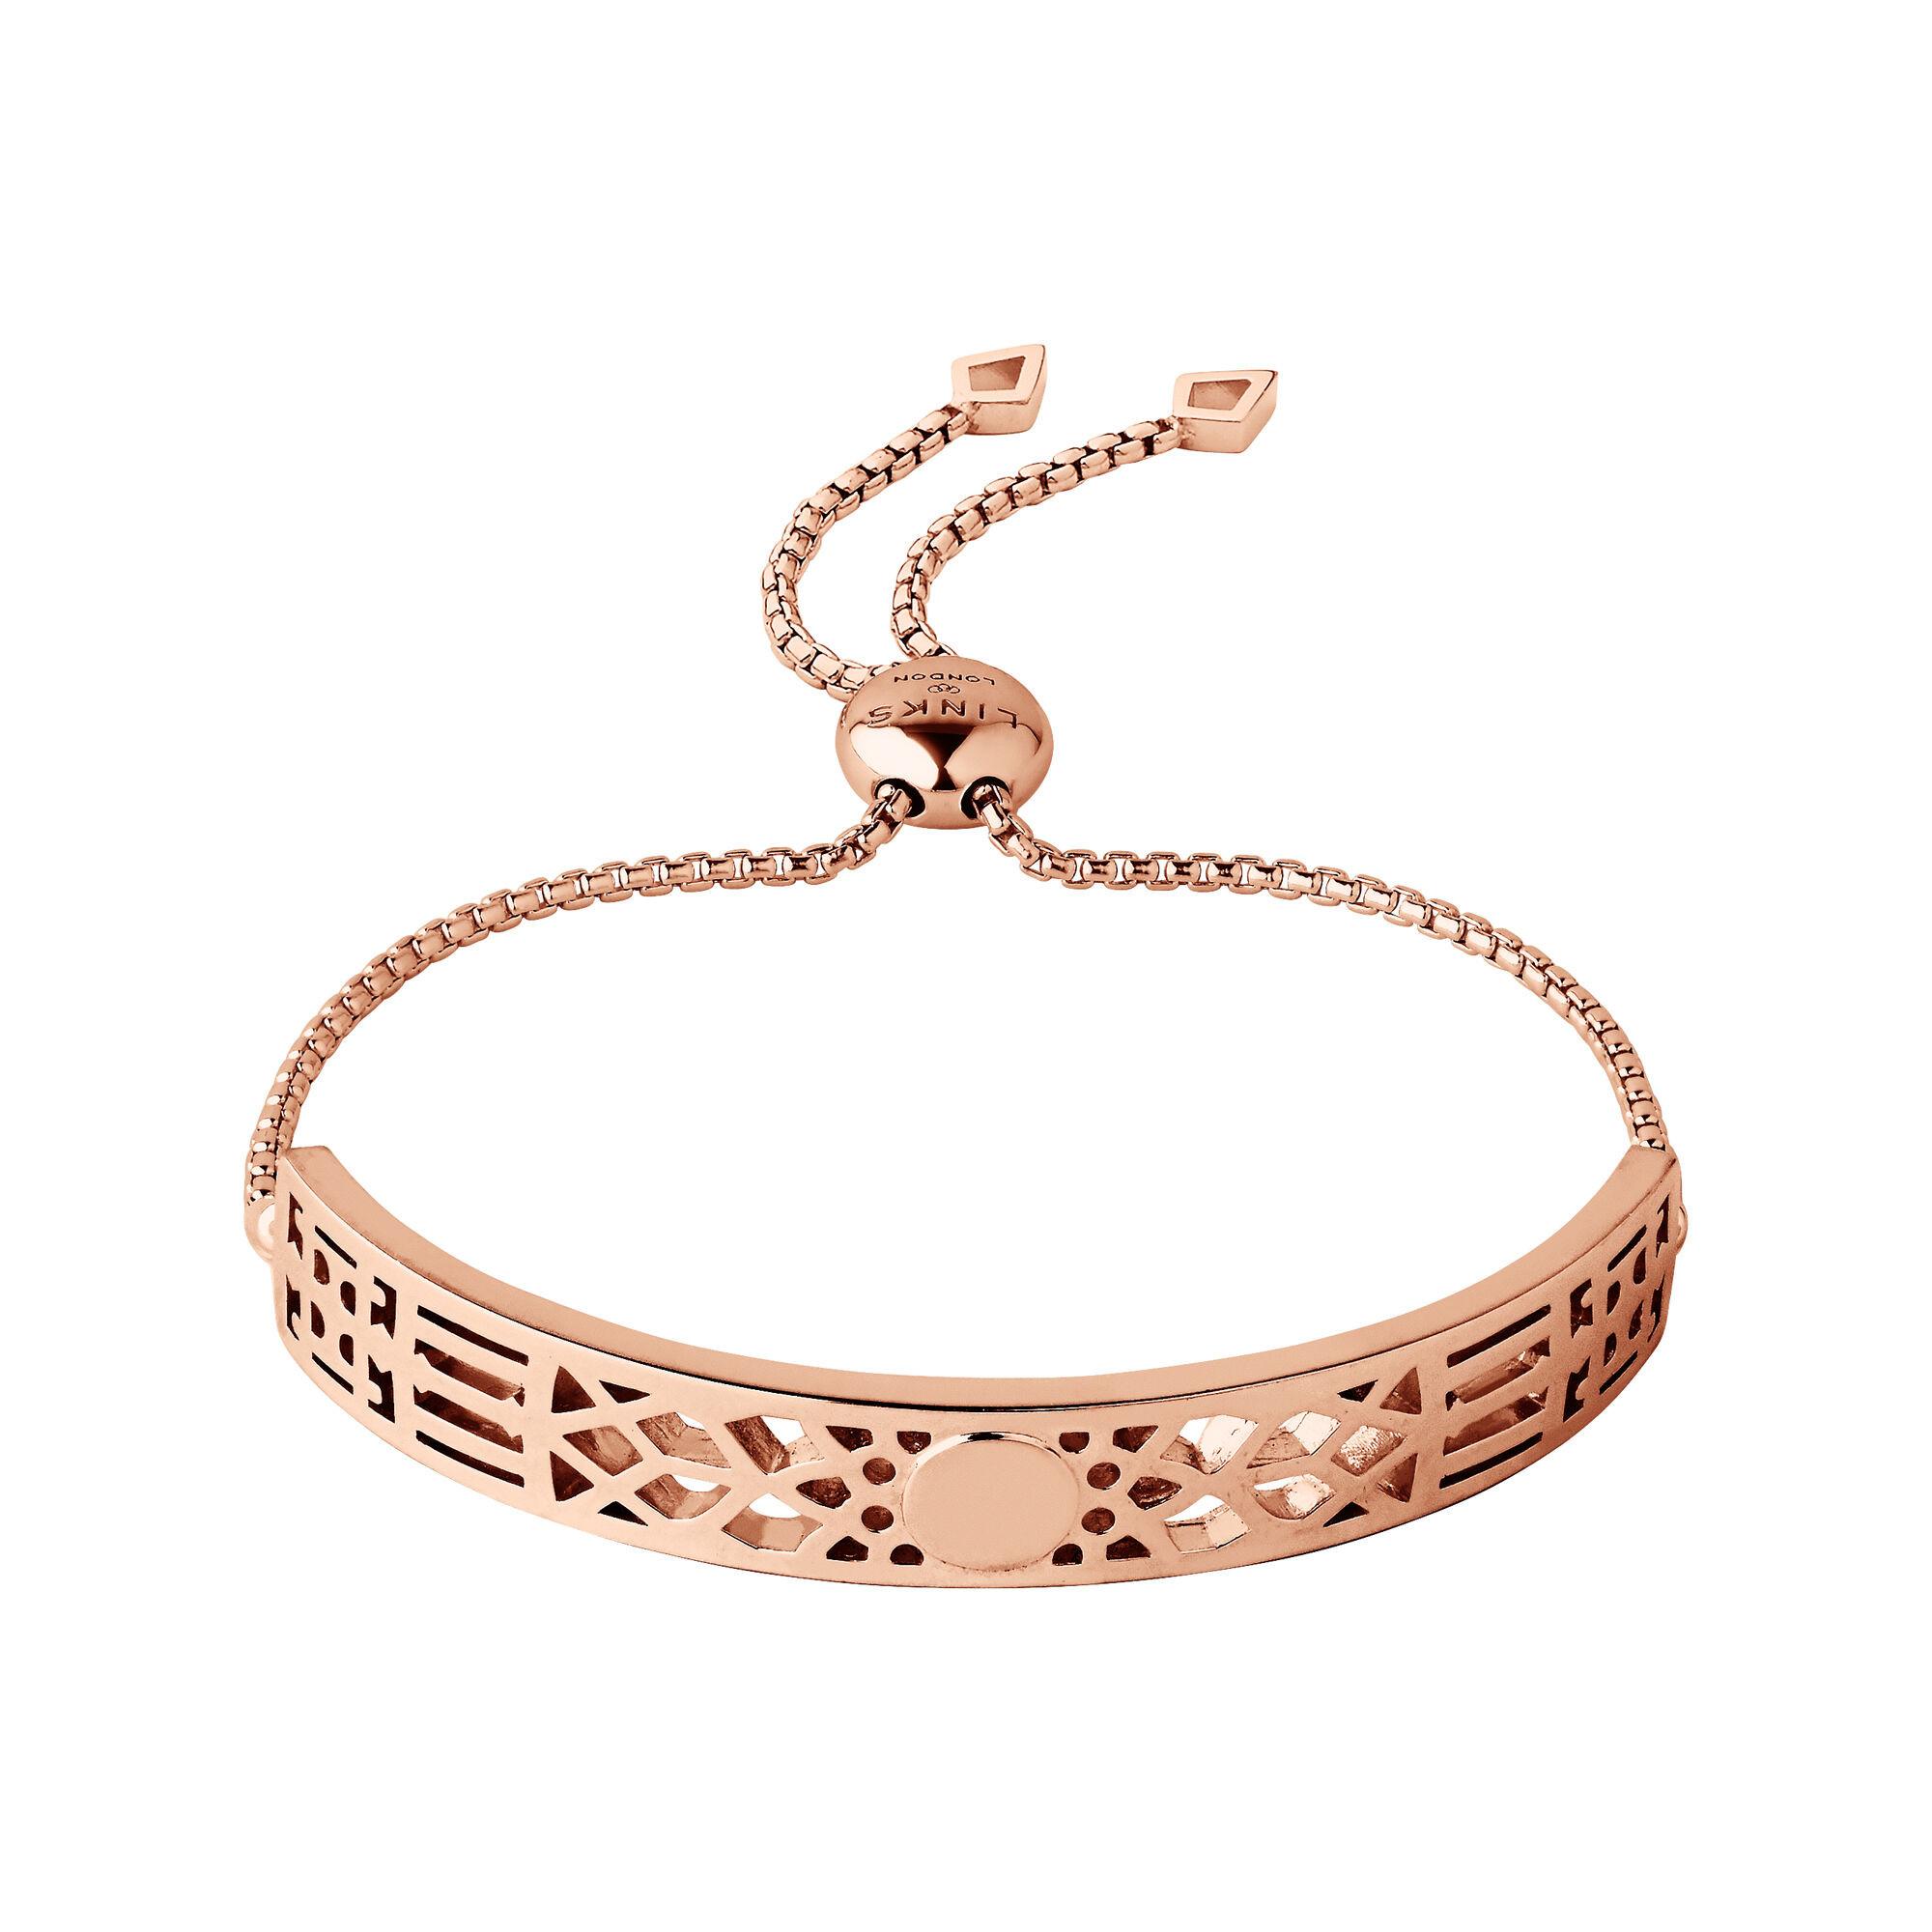 Rose Gold Bracelet  Timeless 18kt Rose Gold Vermeil Toggle Bracelet